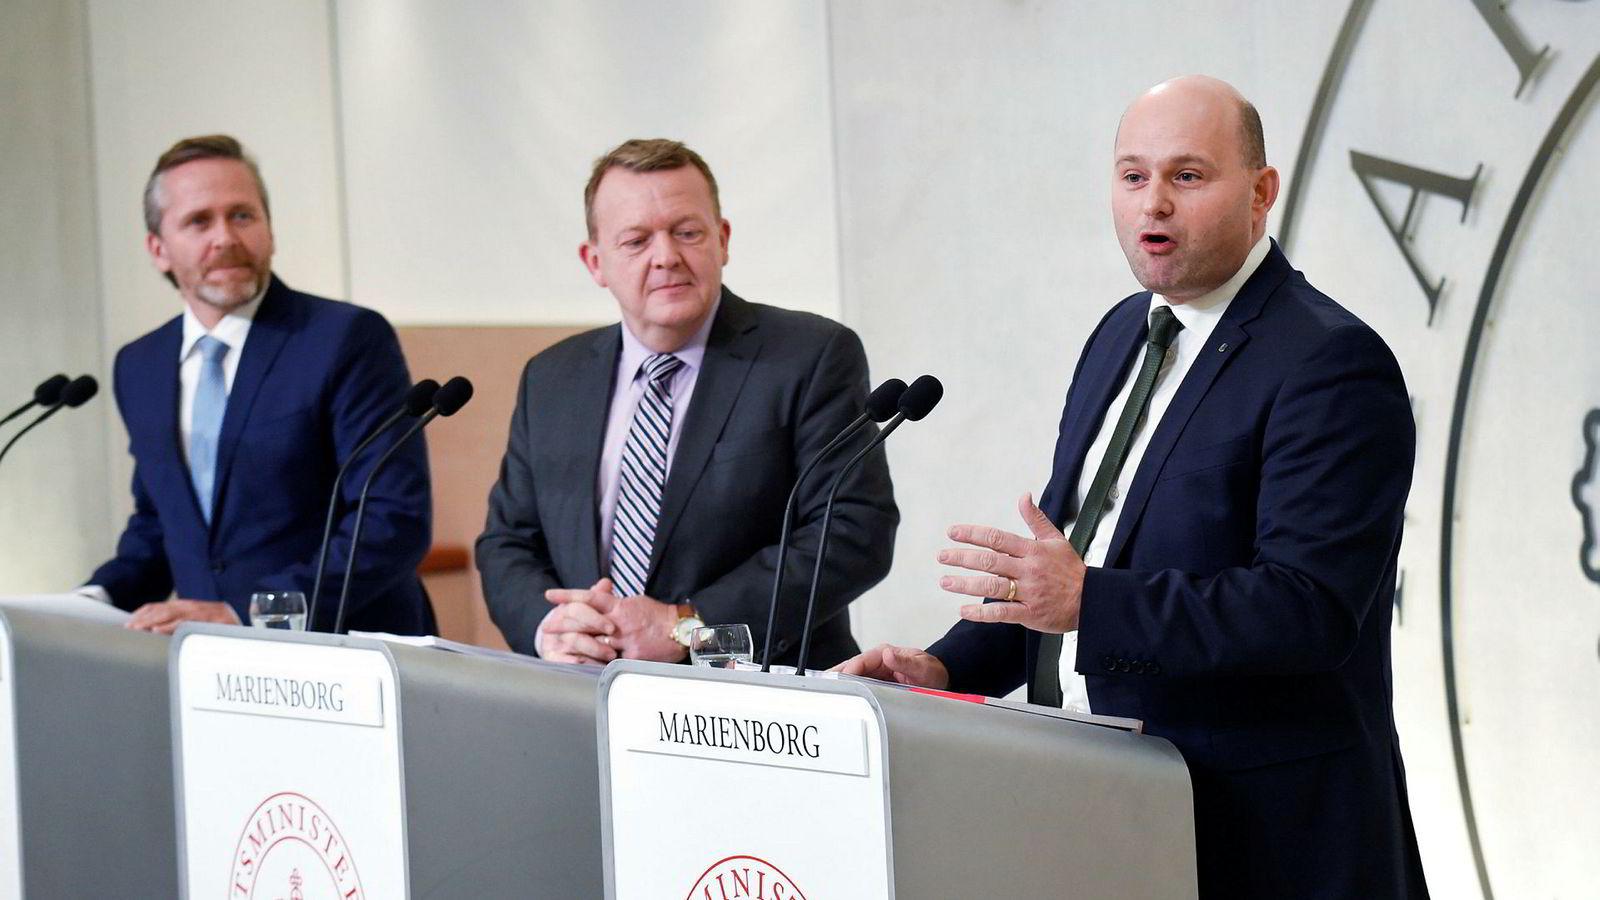 Statsminister Lars Løkke Rasmussen (i midten) presenterte søndag ettermiddag nytt regjeringsgrunnlag sammen med de Konservatives leder Søren Pape Poulsen (t.h) og Liberal Alliances leder Anders Samuelsen (t.v).